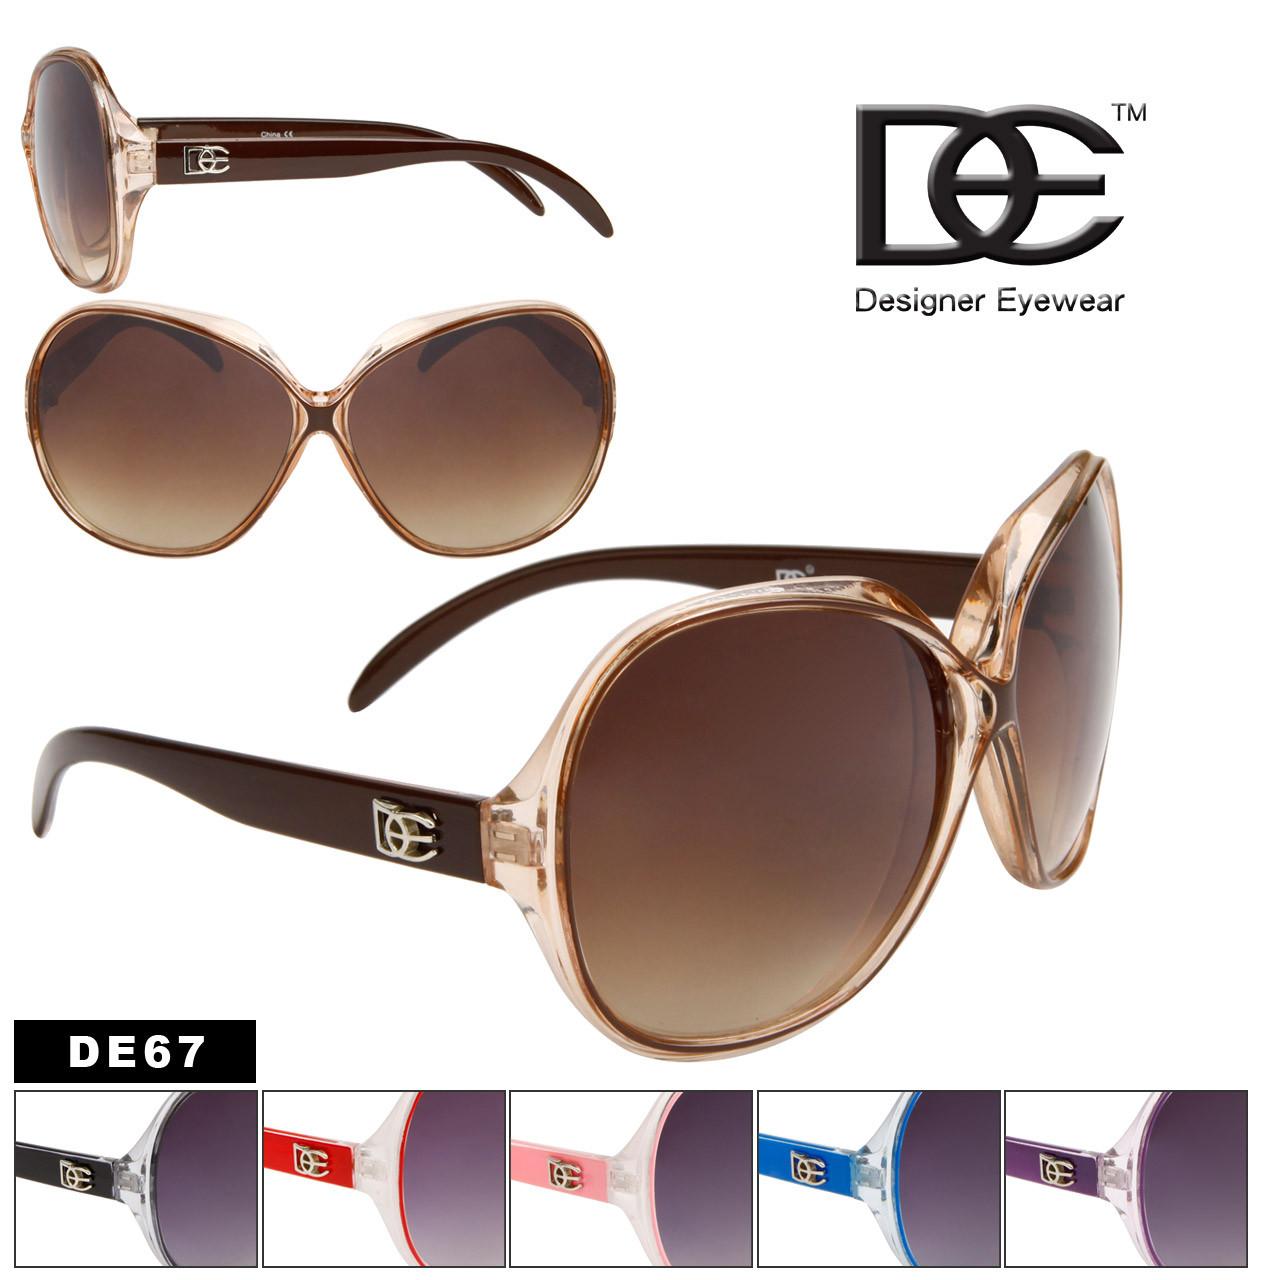 Women's Wholesale Designer Sunglasses - DE67 (Assorted Colors) (12 pcs.)